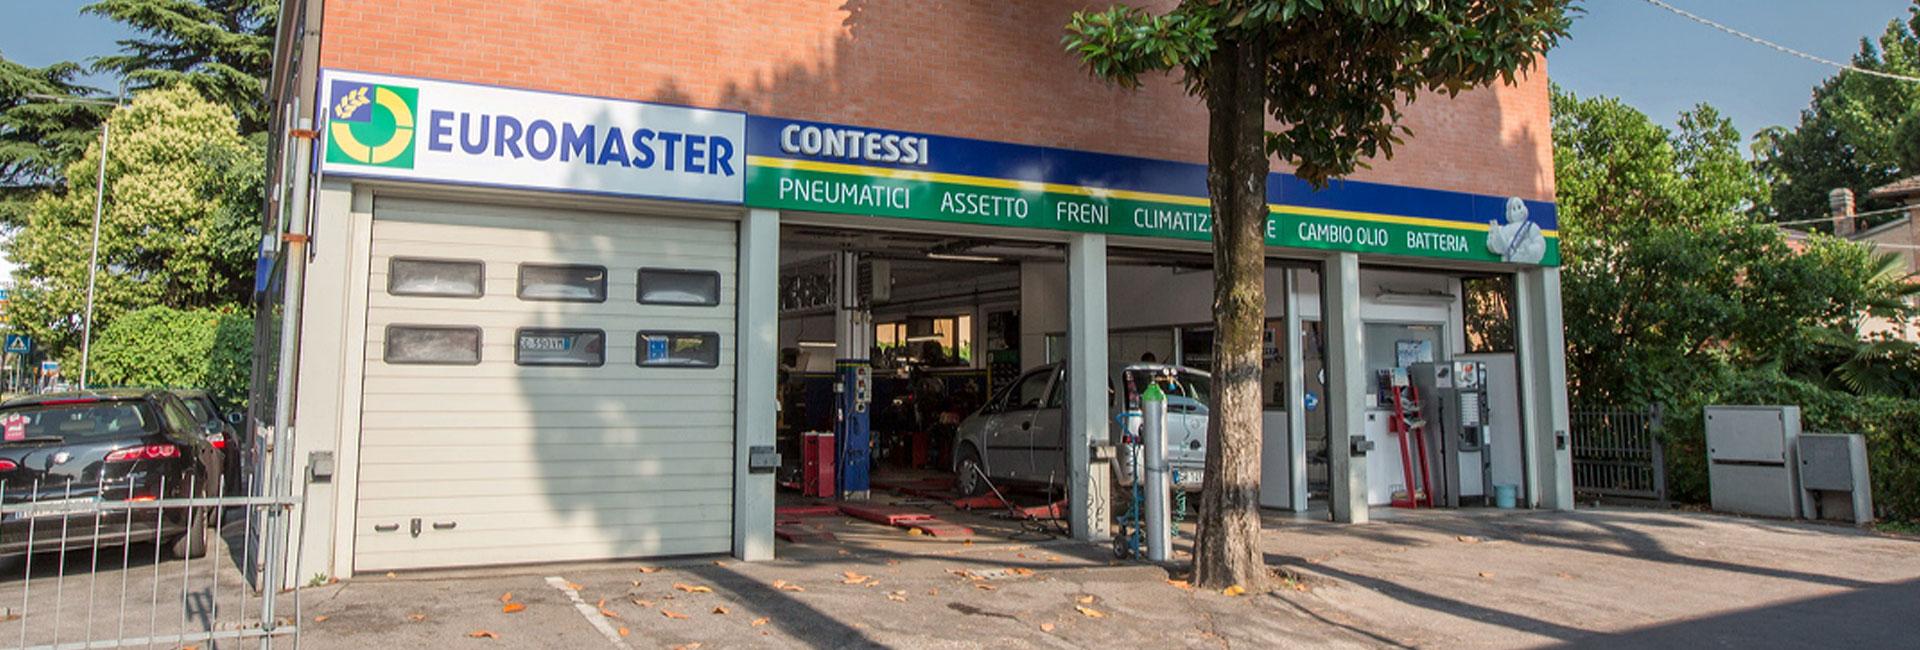 gommista euromaster ravenna